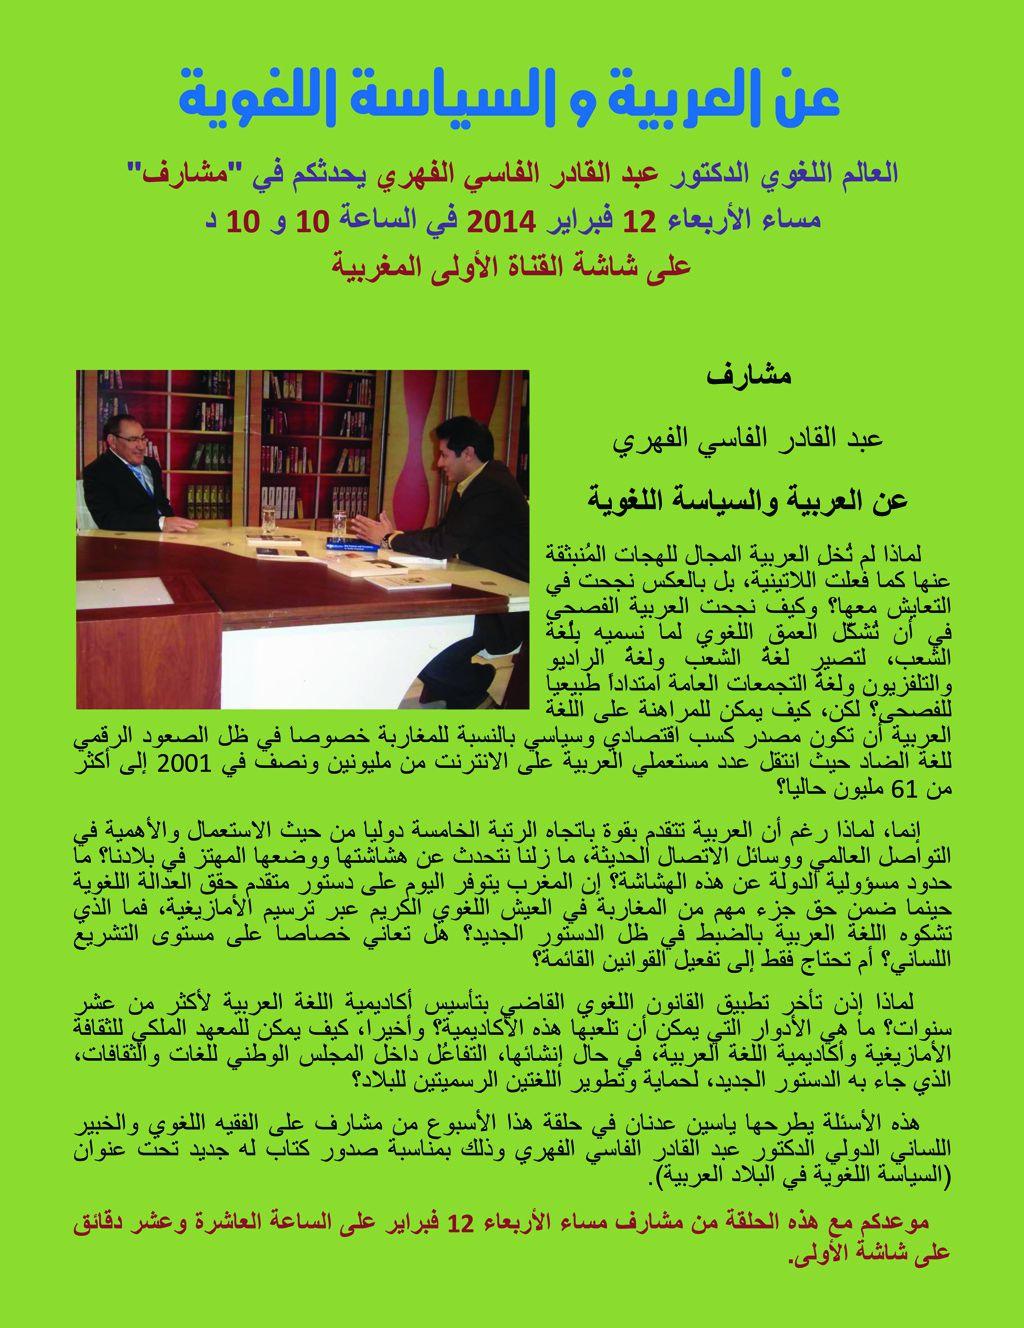 موعد مع حديث عن العربية والسياسة اللغوية